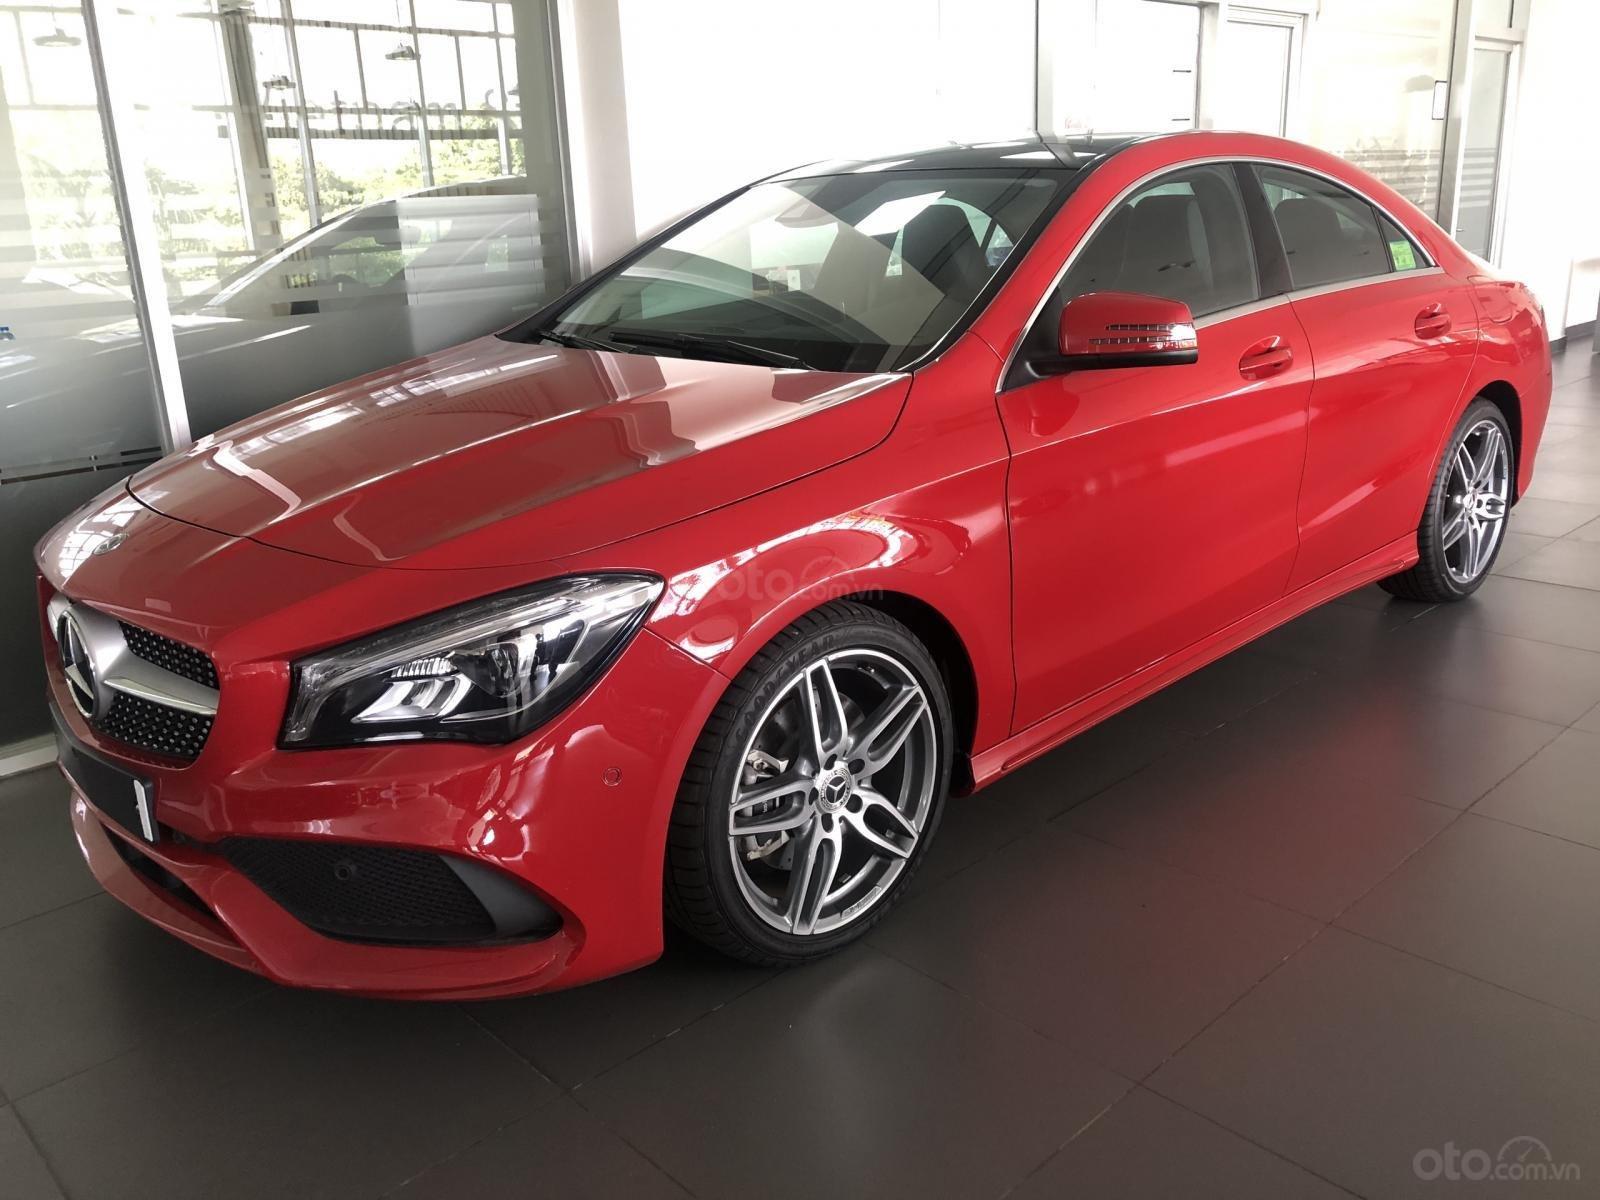 Bán xe Mercedes CLA 250 mới, màu đỏ, xe nhập khẩu, vay trả góp 80% giá trị xe, lãi 0.77%/tháng cố định 36 tháng (1)